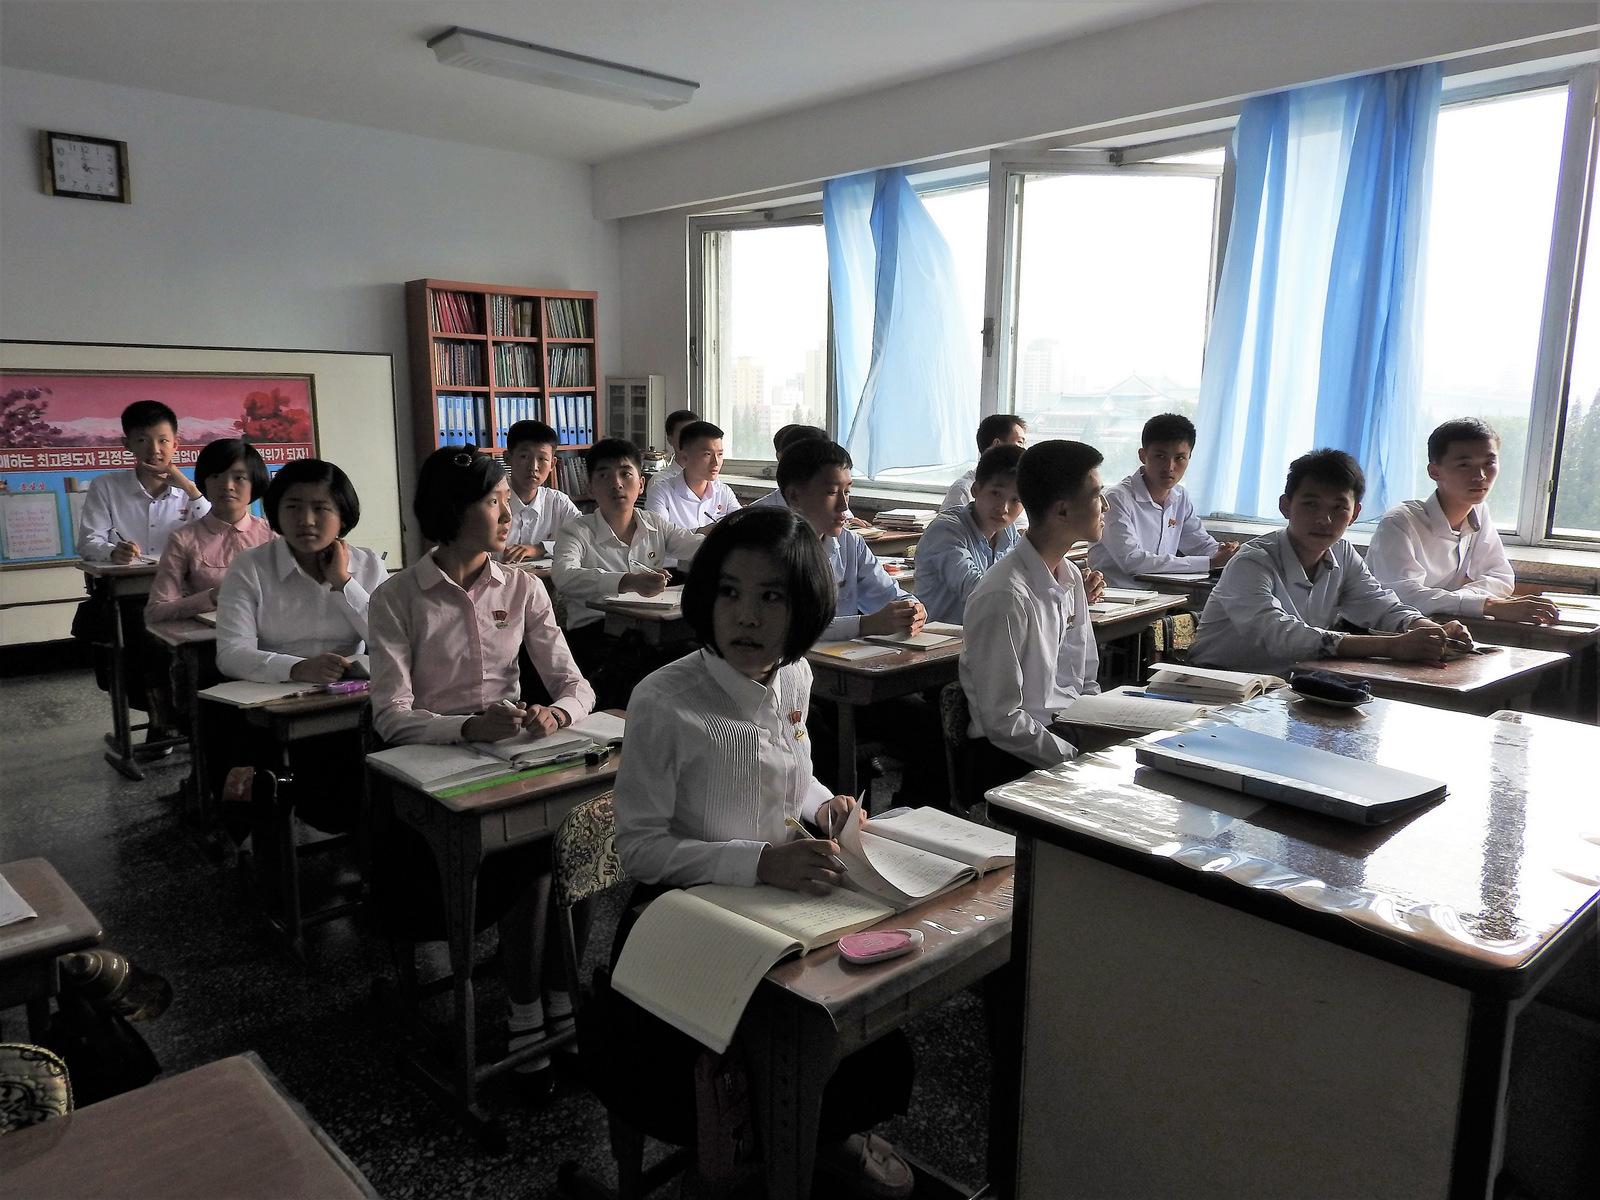 Μαθητές γυμνασίου σε σχολείο της πρωτεύουσας. Οι βορειοκορεάτες μαθητές μίλησαν για την ανάγκη να υπάρξει ειρήνη και να πάψουν οι απειλές ενάντια στη χώρα τους